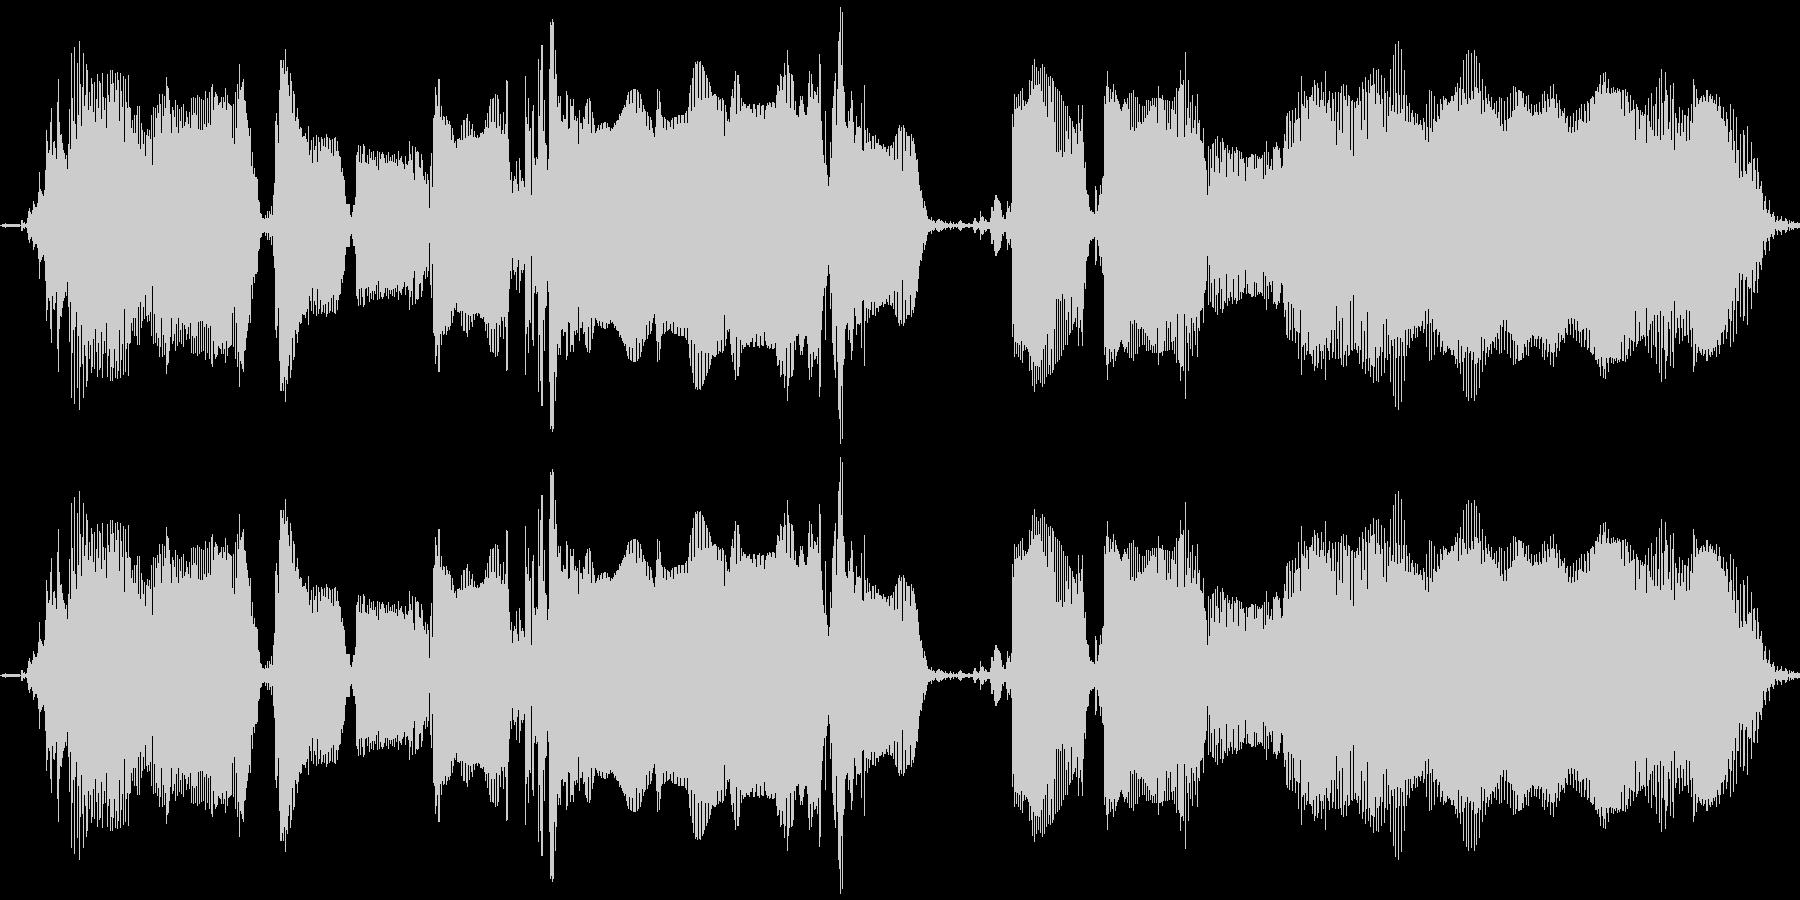 【エレキギター】ワ~クァクァクァクワ~の未再生の波形